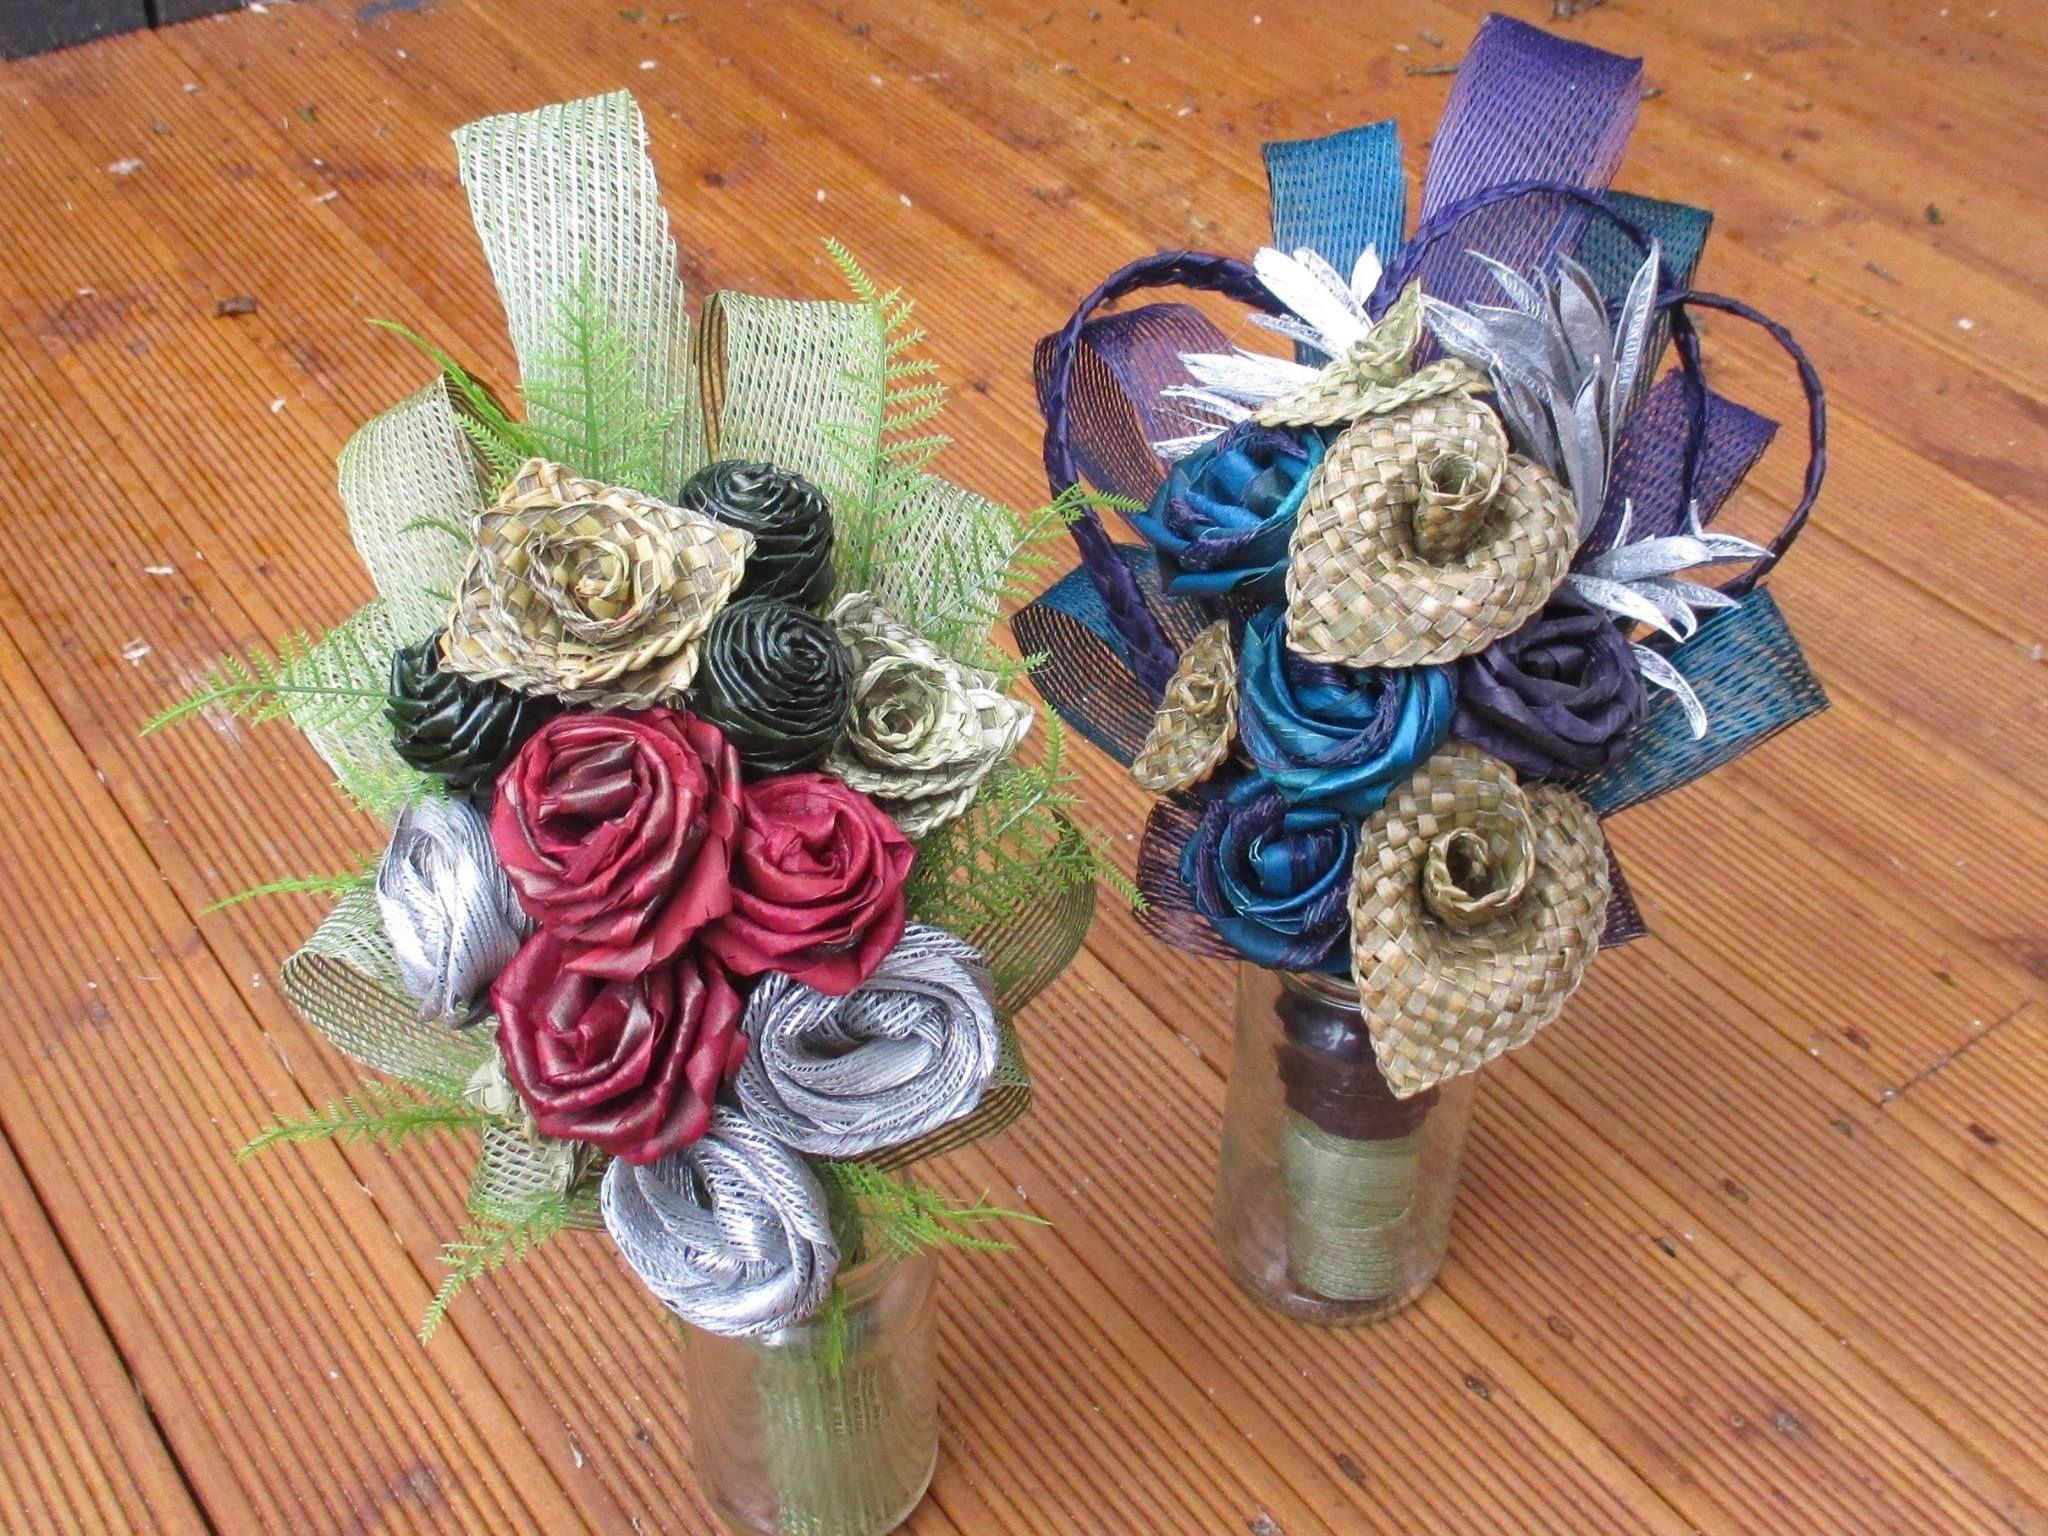 Fabulous Flax Flower Bouquets And Arrangements Flax Flowers Flax Weaving Flowers Bouquet